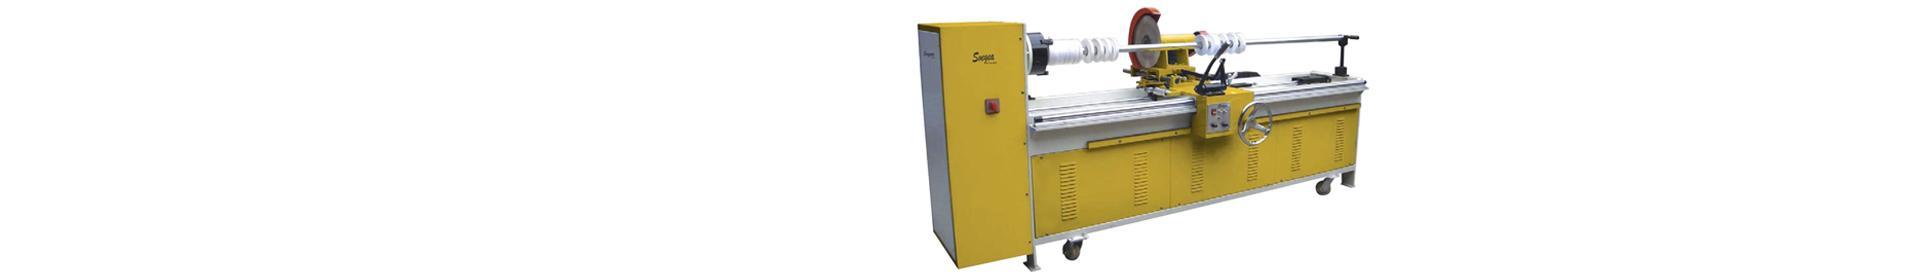 Żółta maszyna